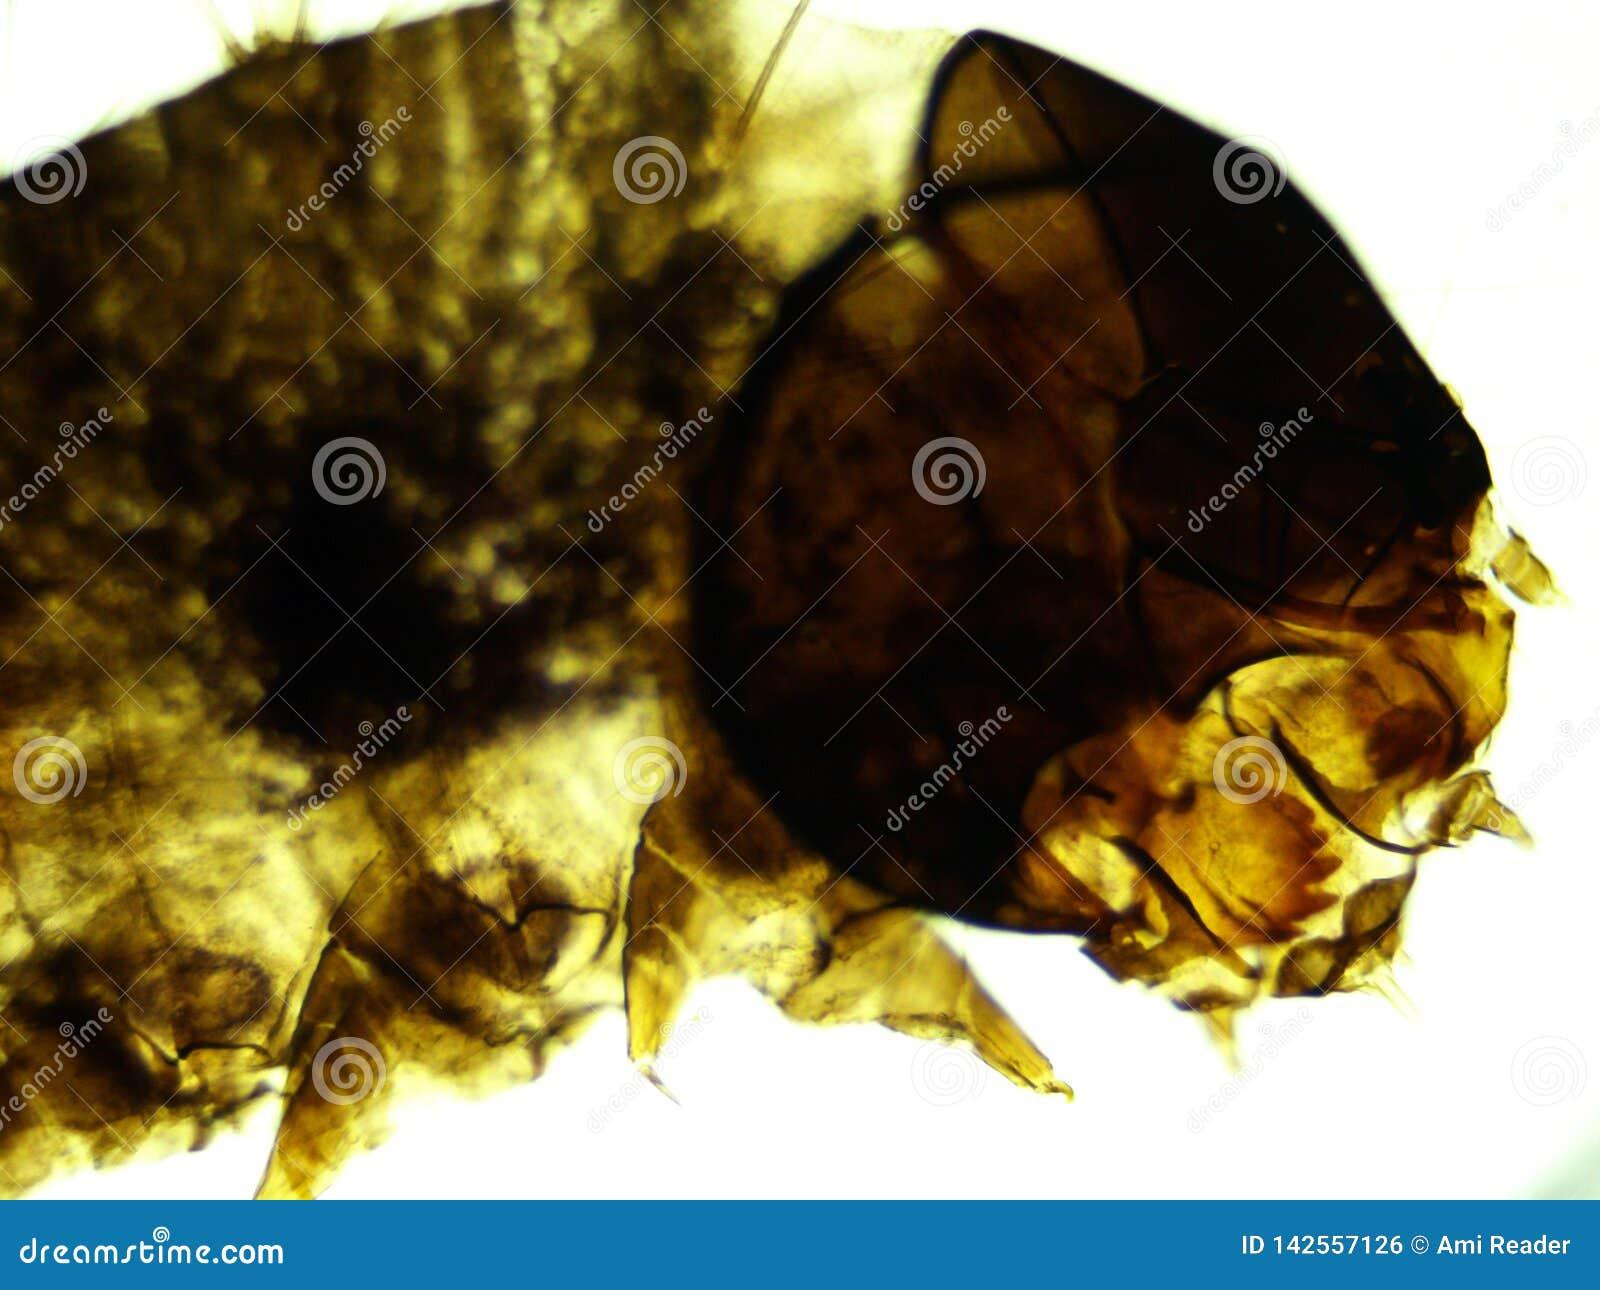 蚕蛾幼虫100x头和某些身体